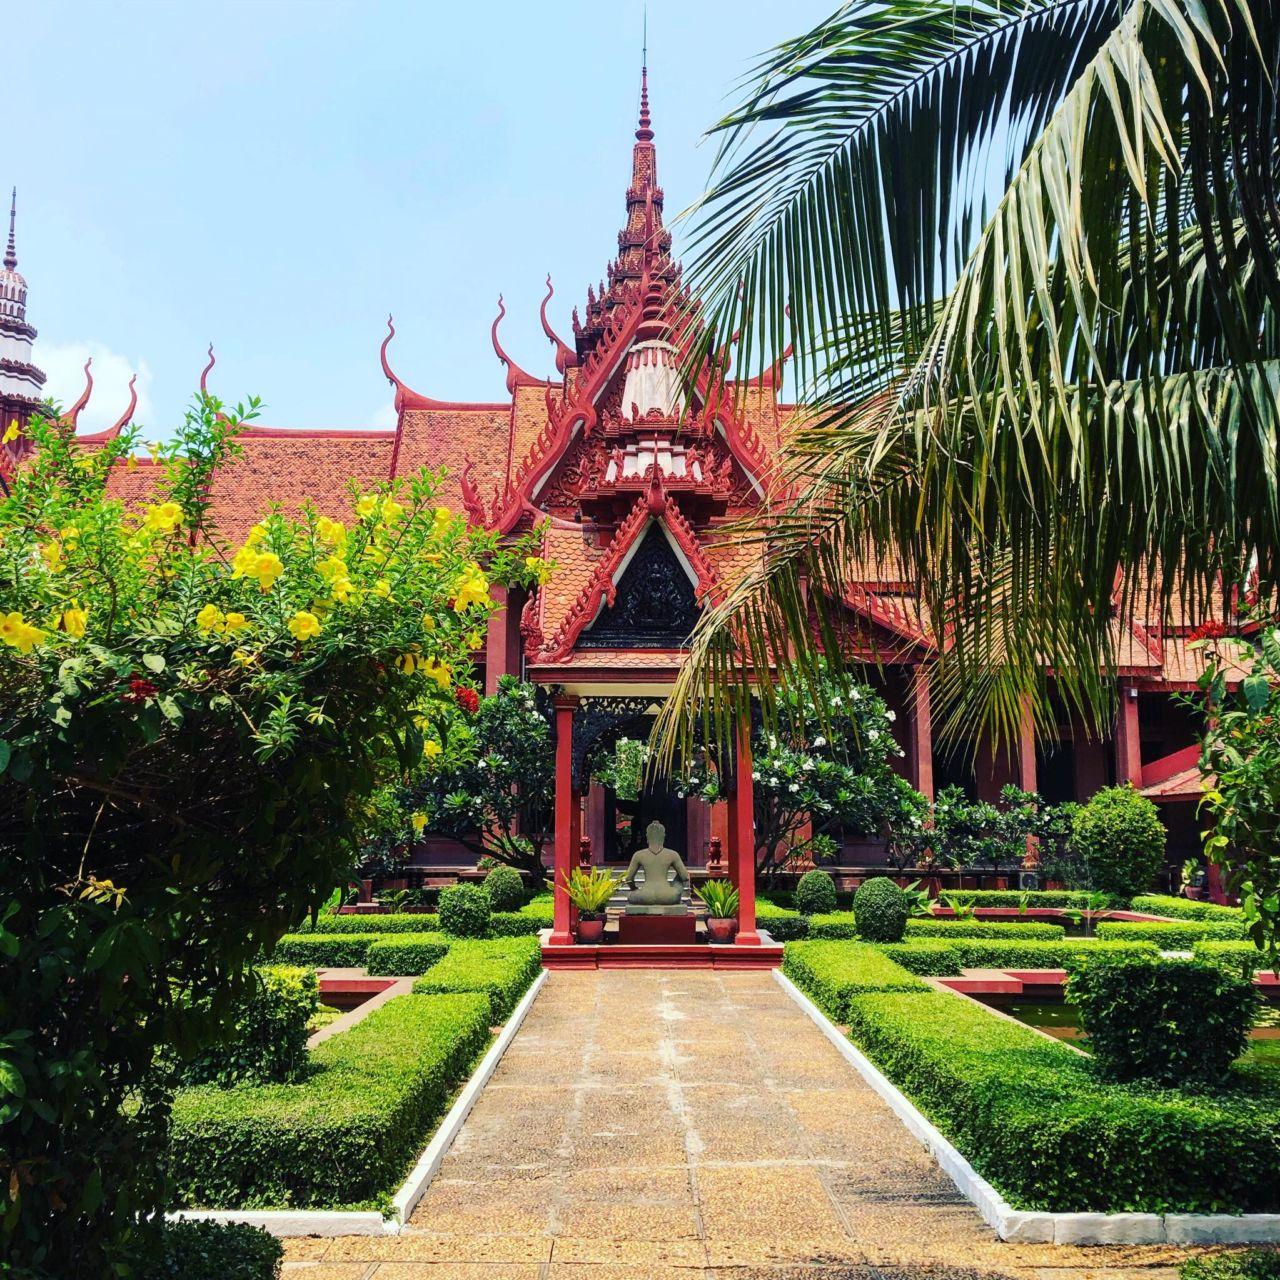 55 Dinge, die Du über Kambodscha wissen solltest (2019)